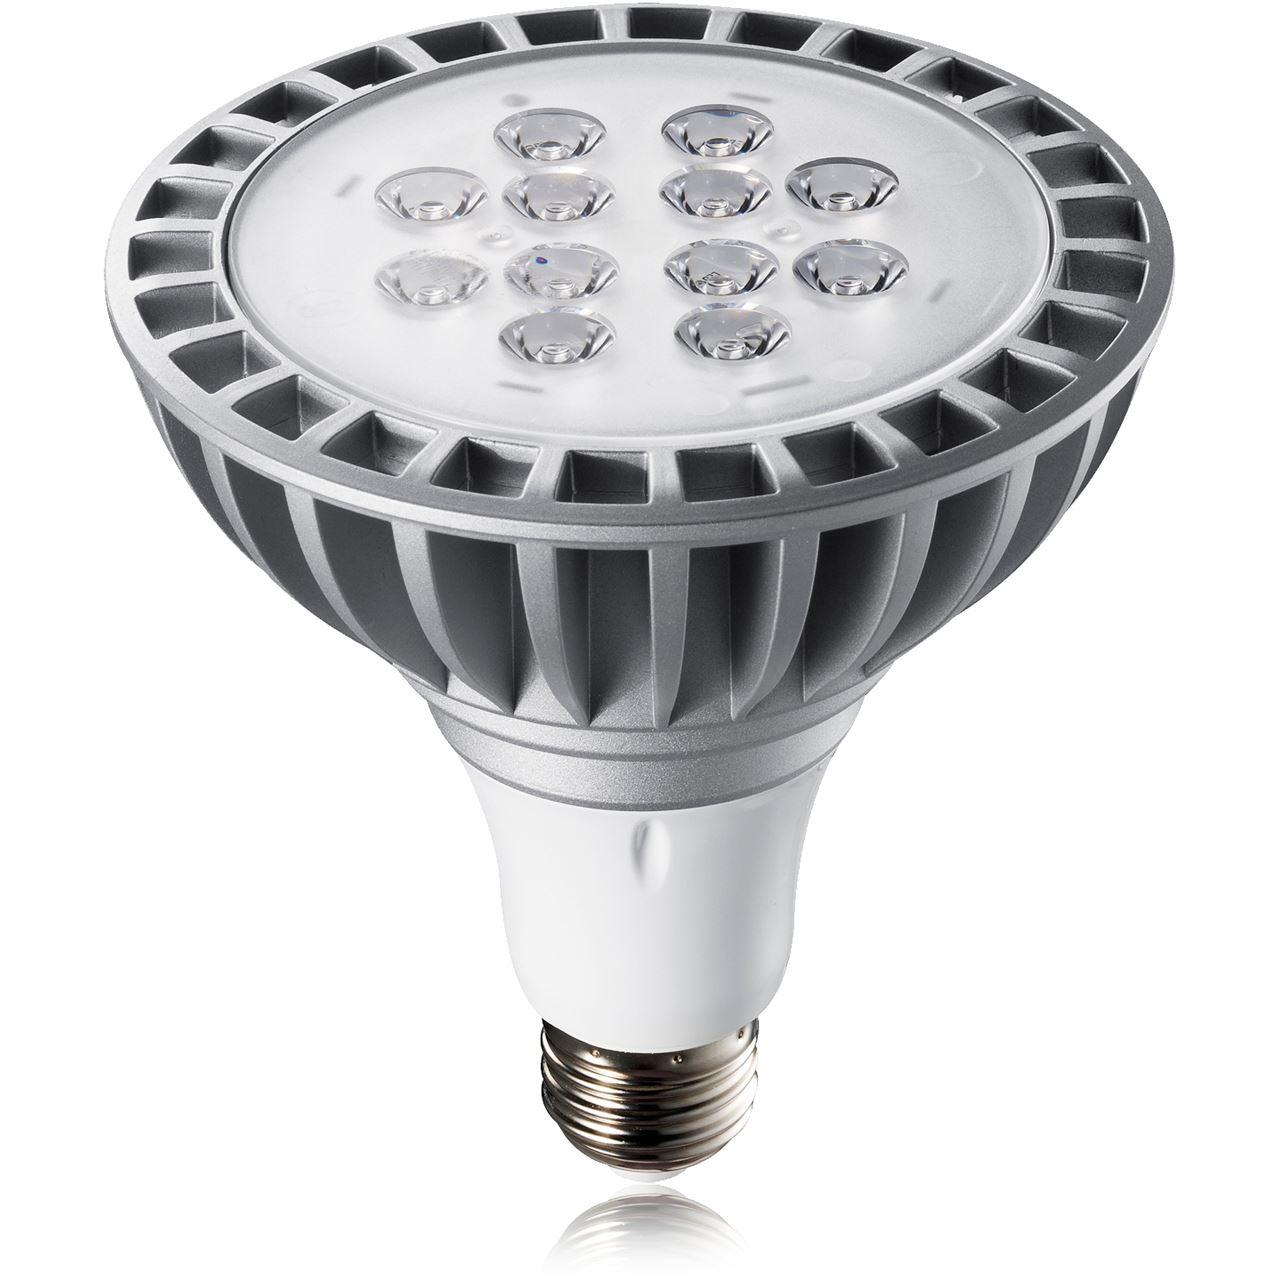 samsung led reflektor performer serie si p8w183db1eu klar e27 a led lampen. Black Bedroom Furniture Sets. Home Design Ideas